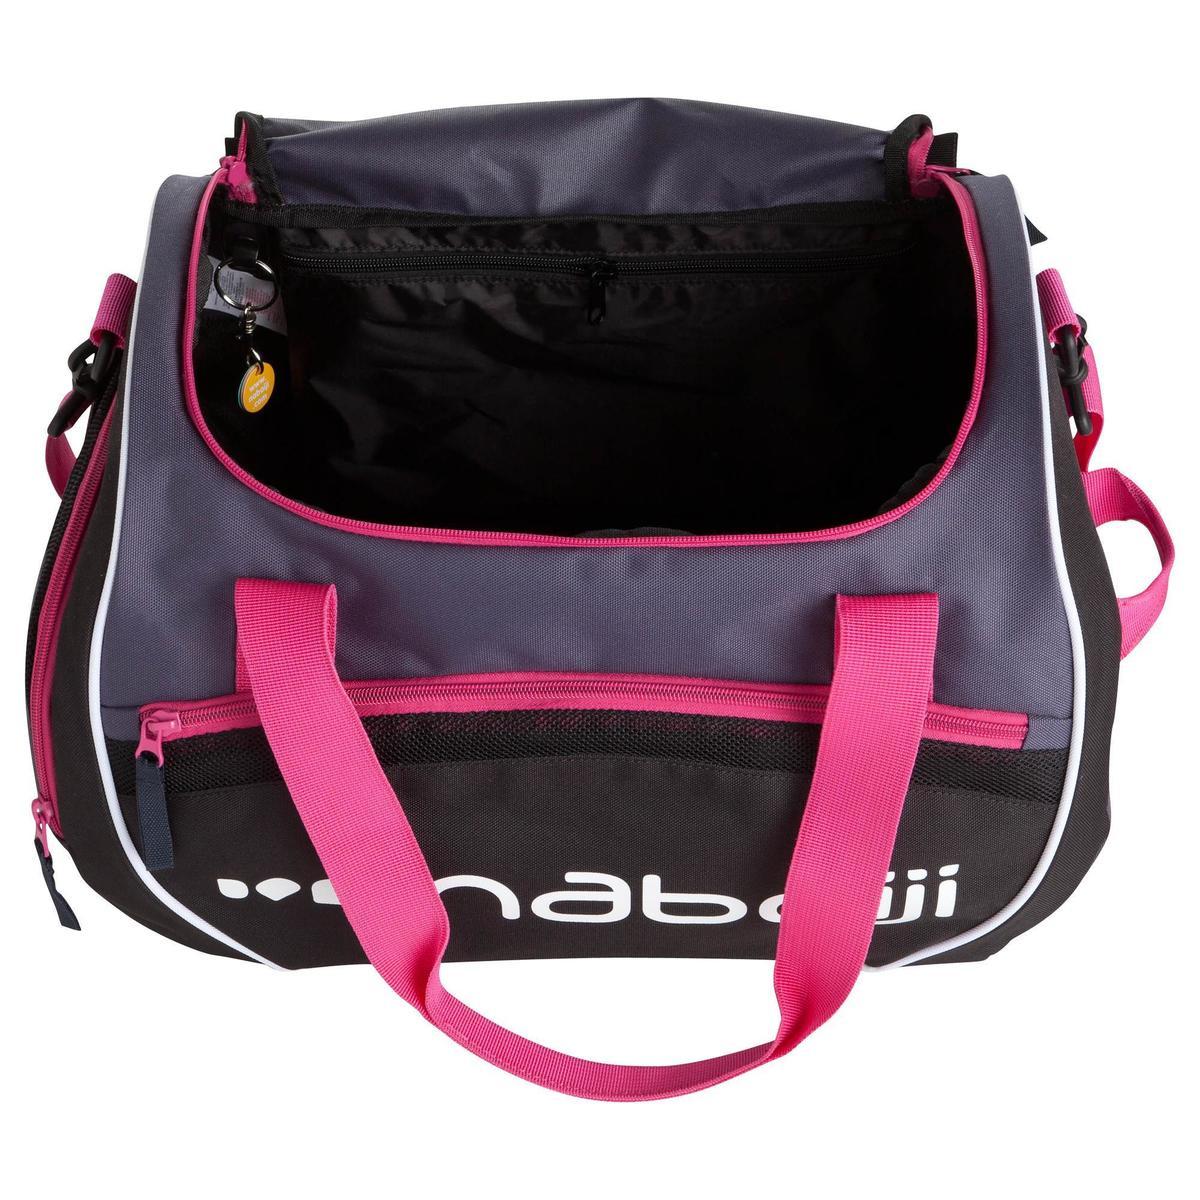 Bild 5 von Schwimmtasche Sporttasche Swimy 30 L grau/rosa